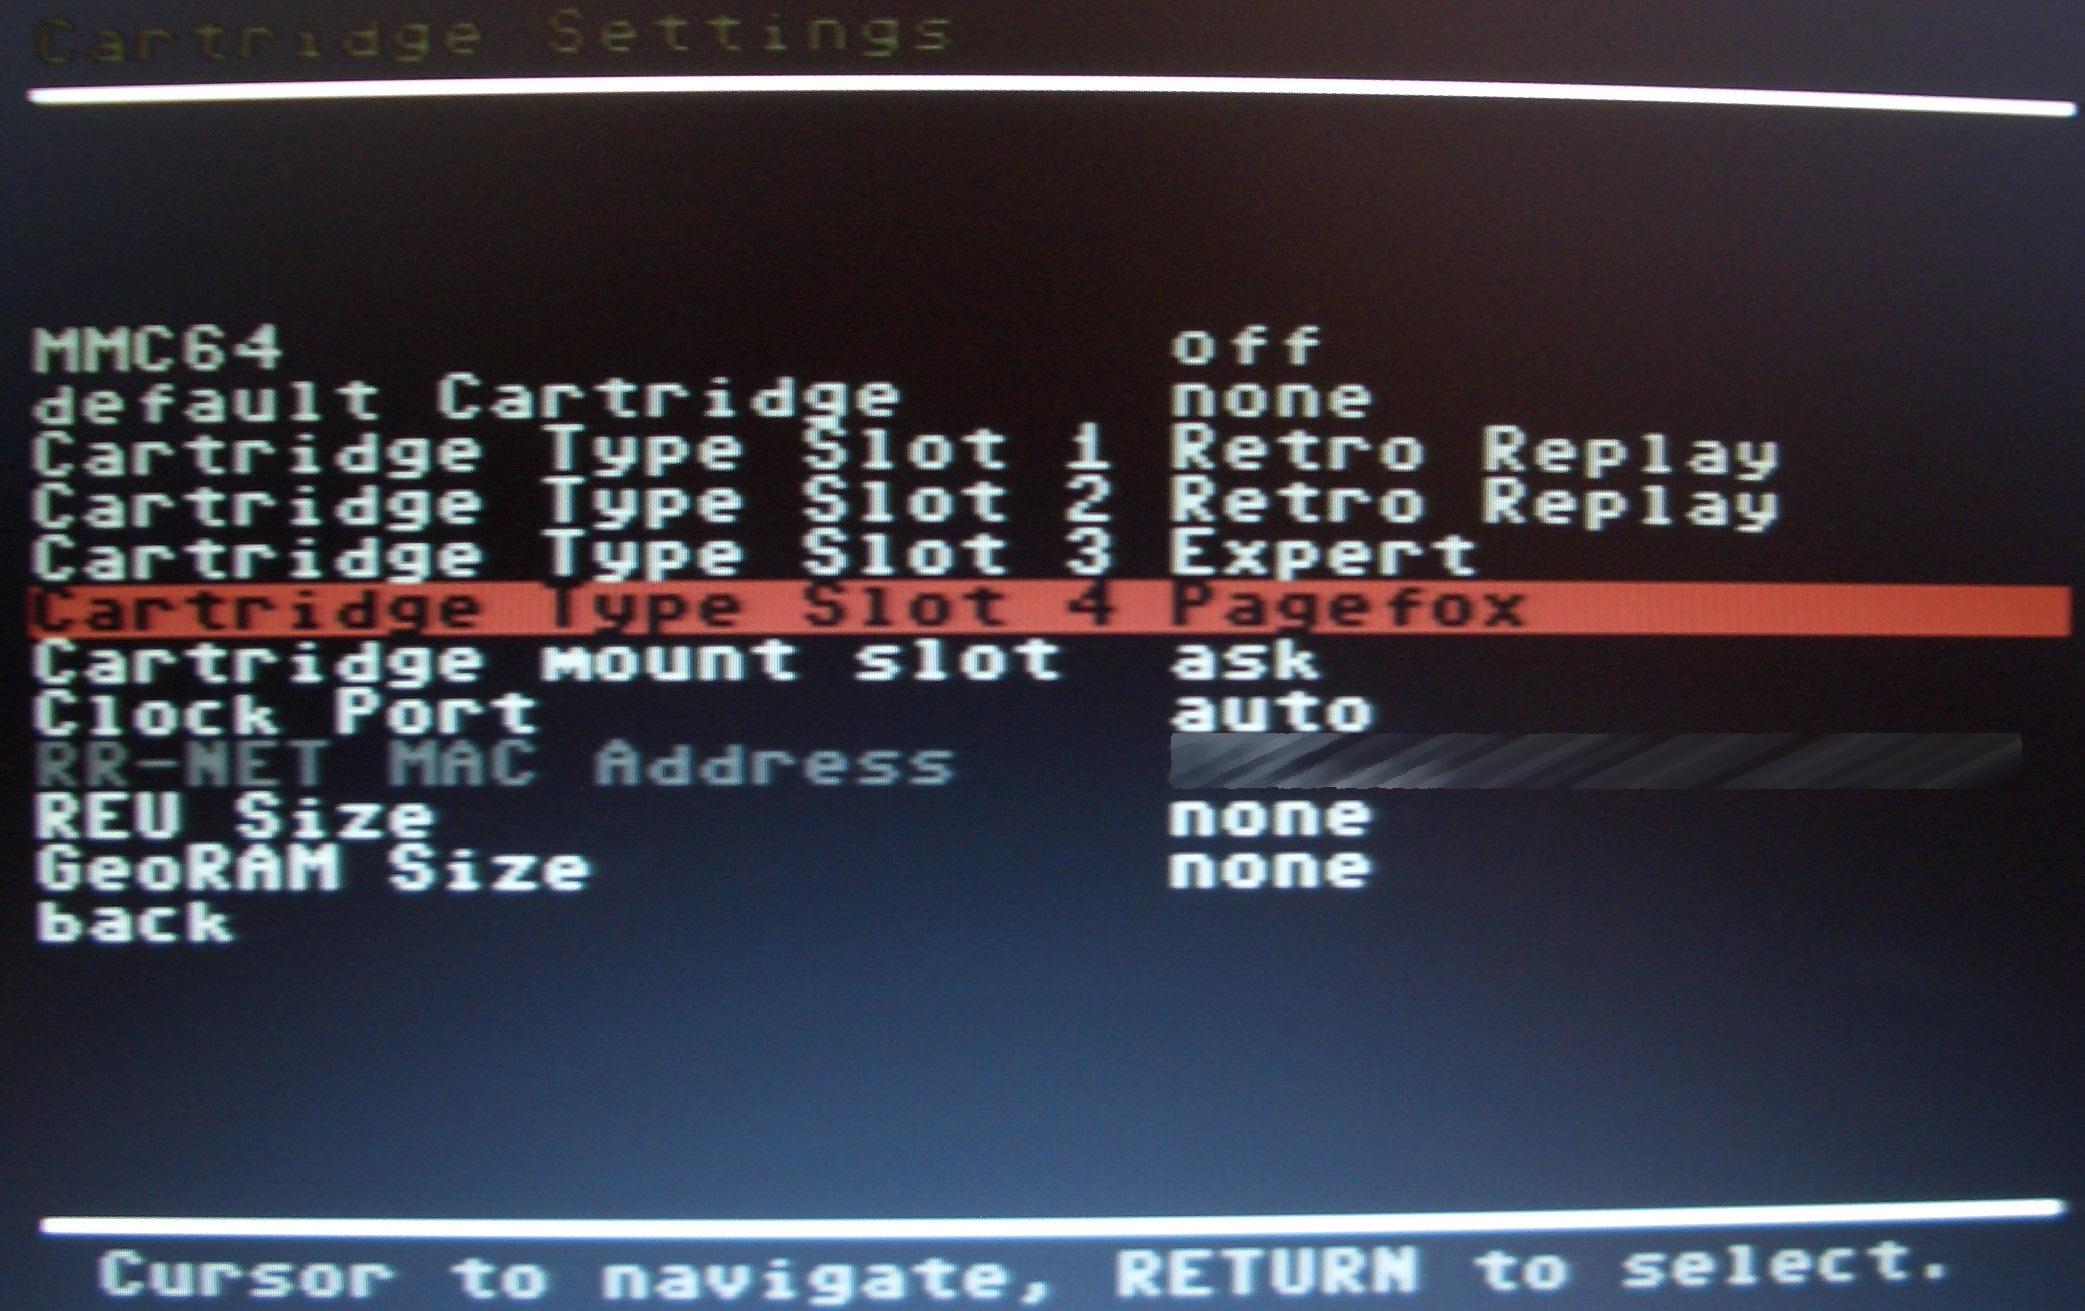 Nur die Pagefox Hardware, die Software fehlt noch!